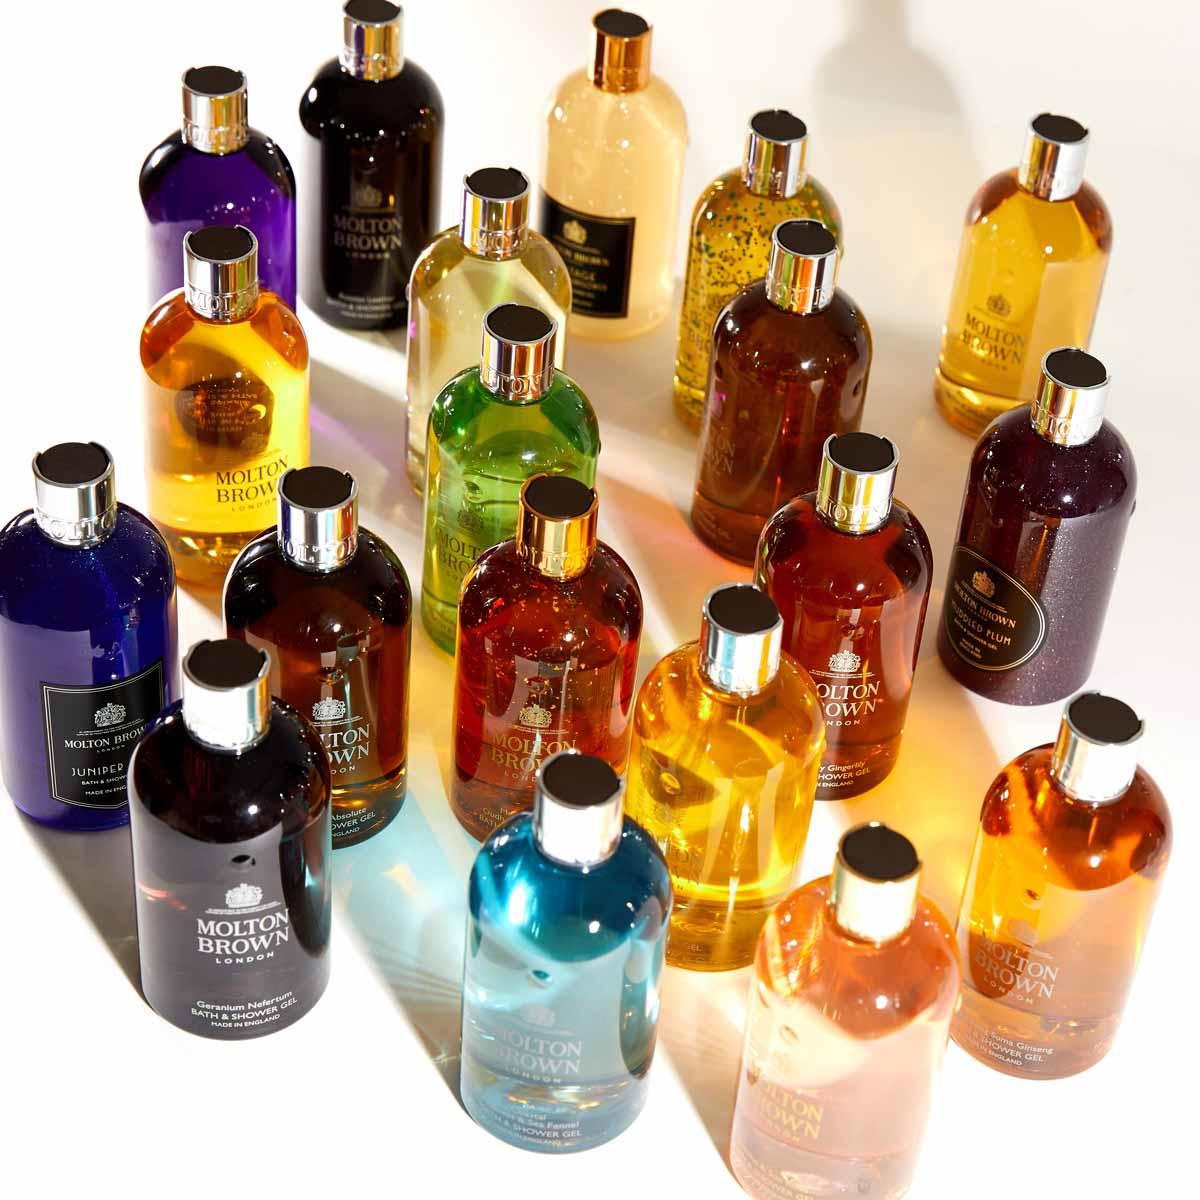 ホワイトフローラルの華麗な香り。モルトンブラウン『フローラ ルミナーレ バス&シャワージェル』のご紹介に関する画像1